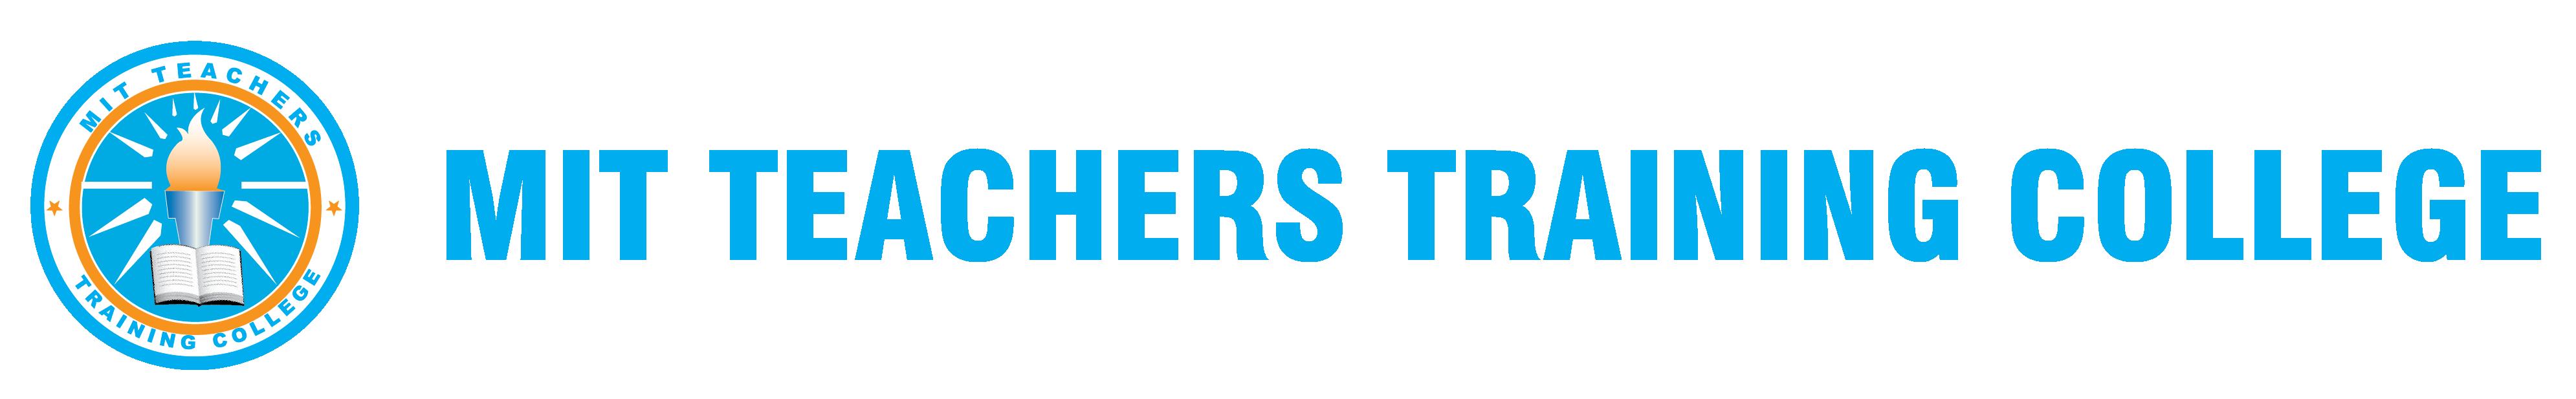 MIT Teachers Training College